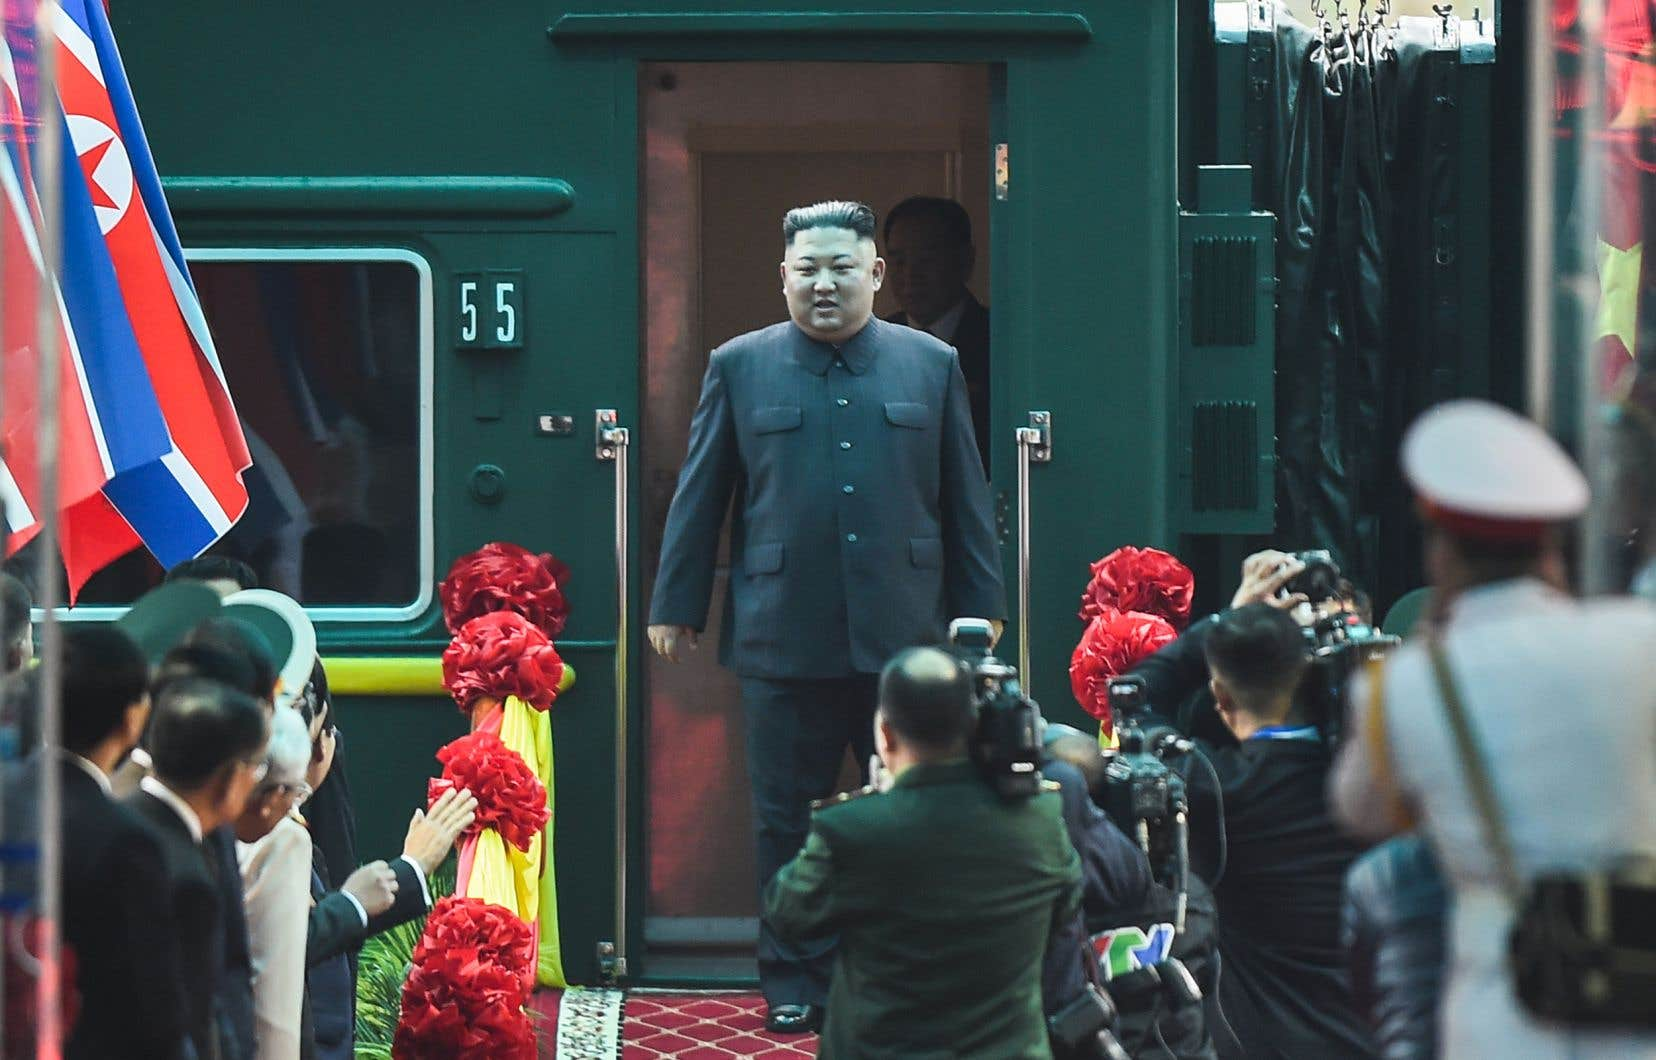 Venant de Chine, Kim Jong-un a débarqué de son train blindé vert olive en gare de Dong Dang.